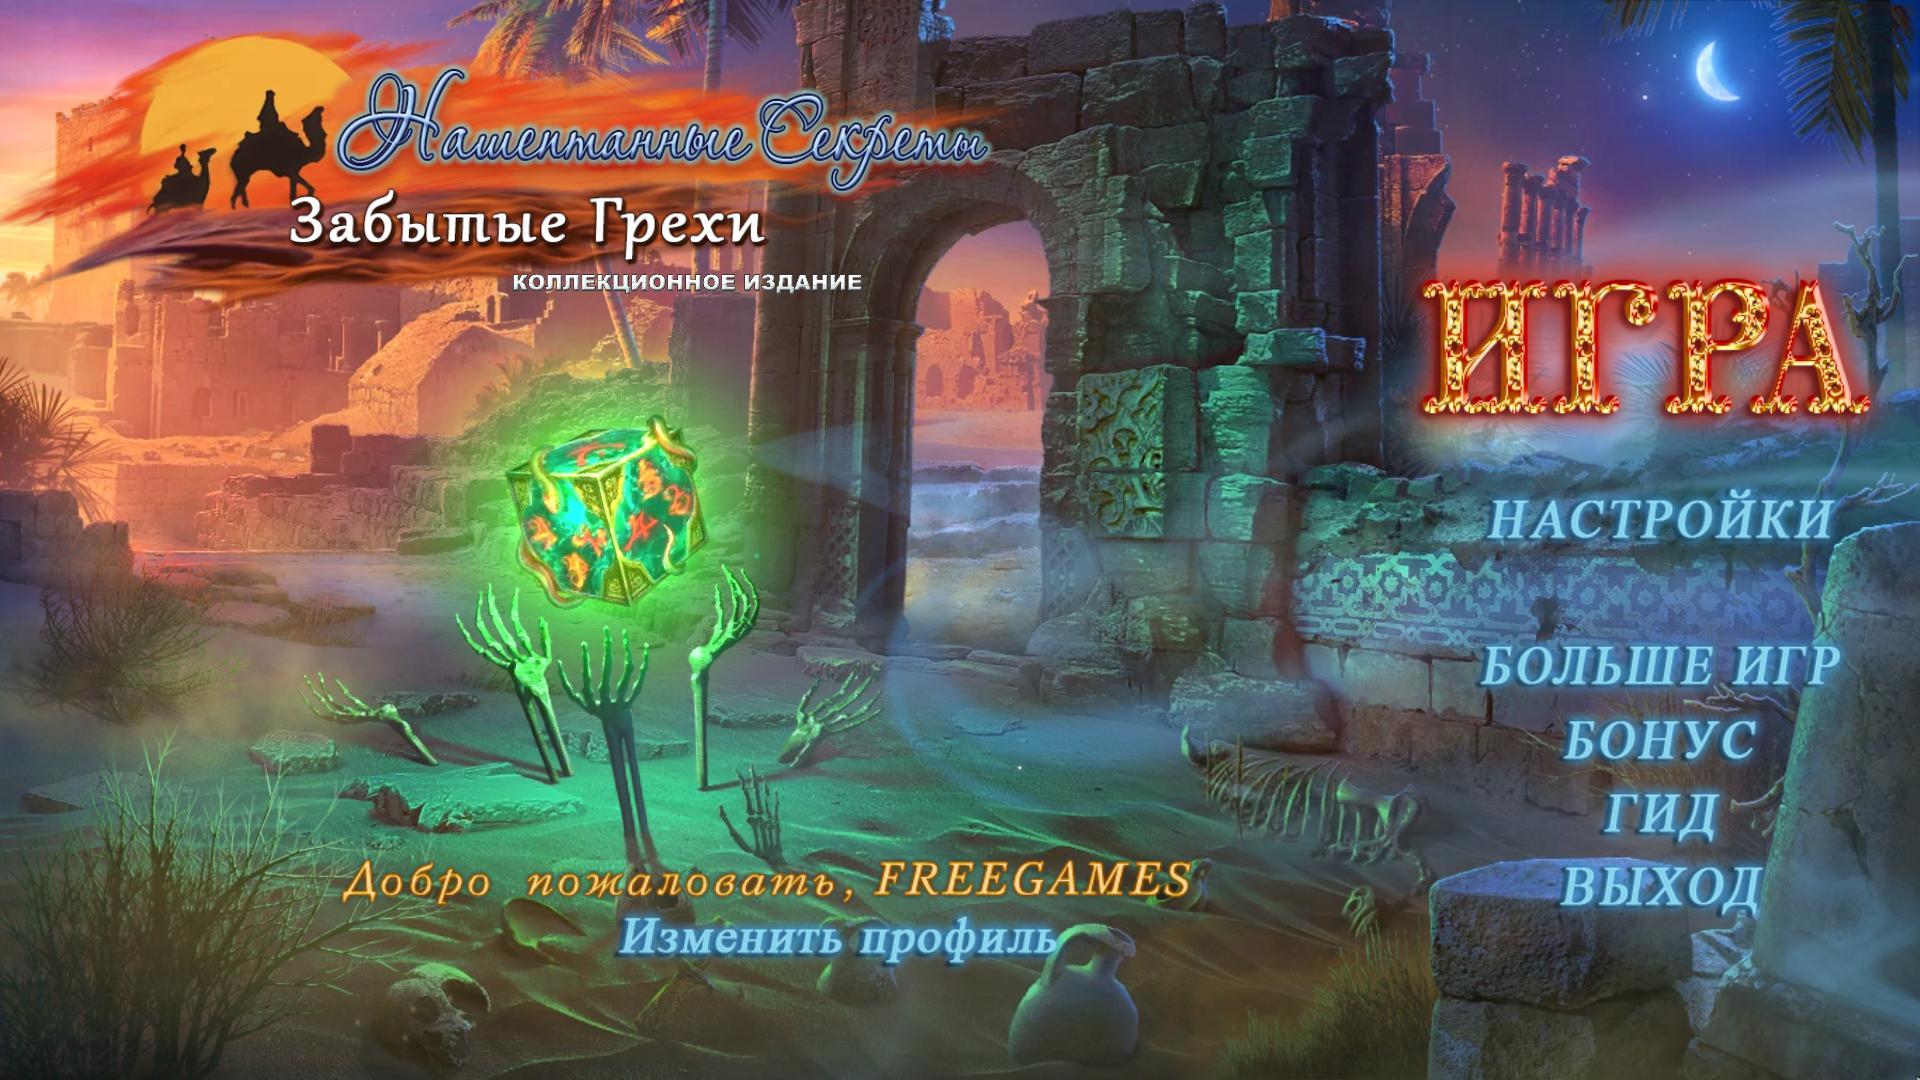 Нашептанные секреты 7: Забытые грехи. Коллекционное издание | Whispered Secrets 7: Forgotten Sins CE (Rus)